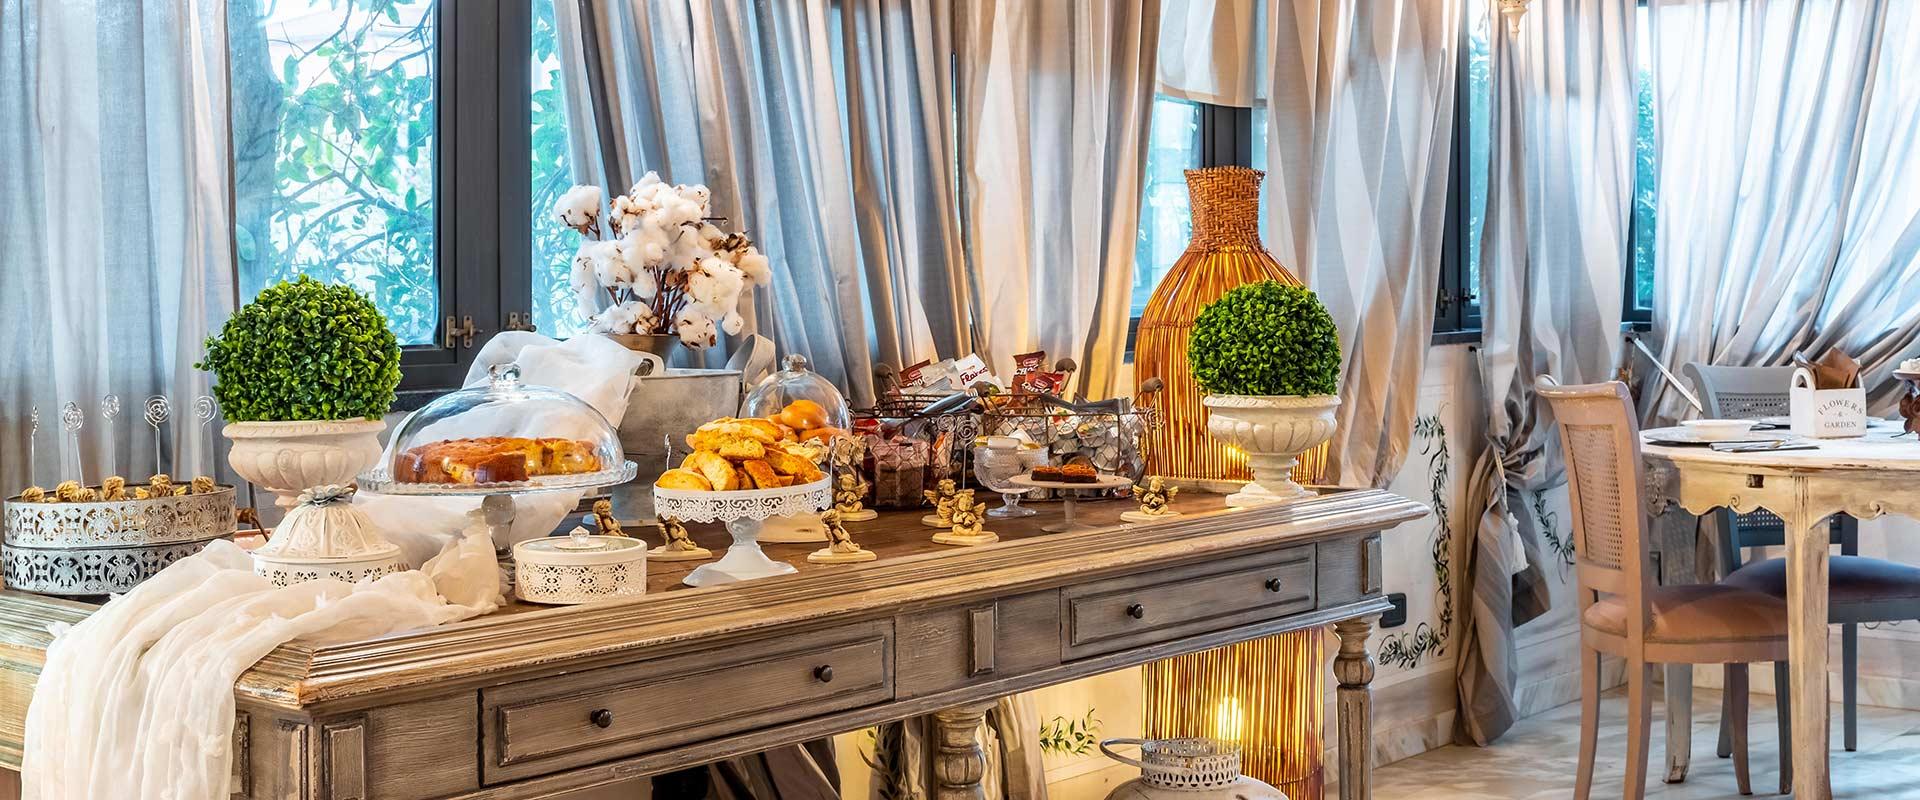 Colazioni e bistrot disponibile in hotel marina di massa